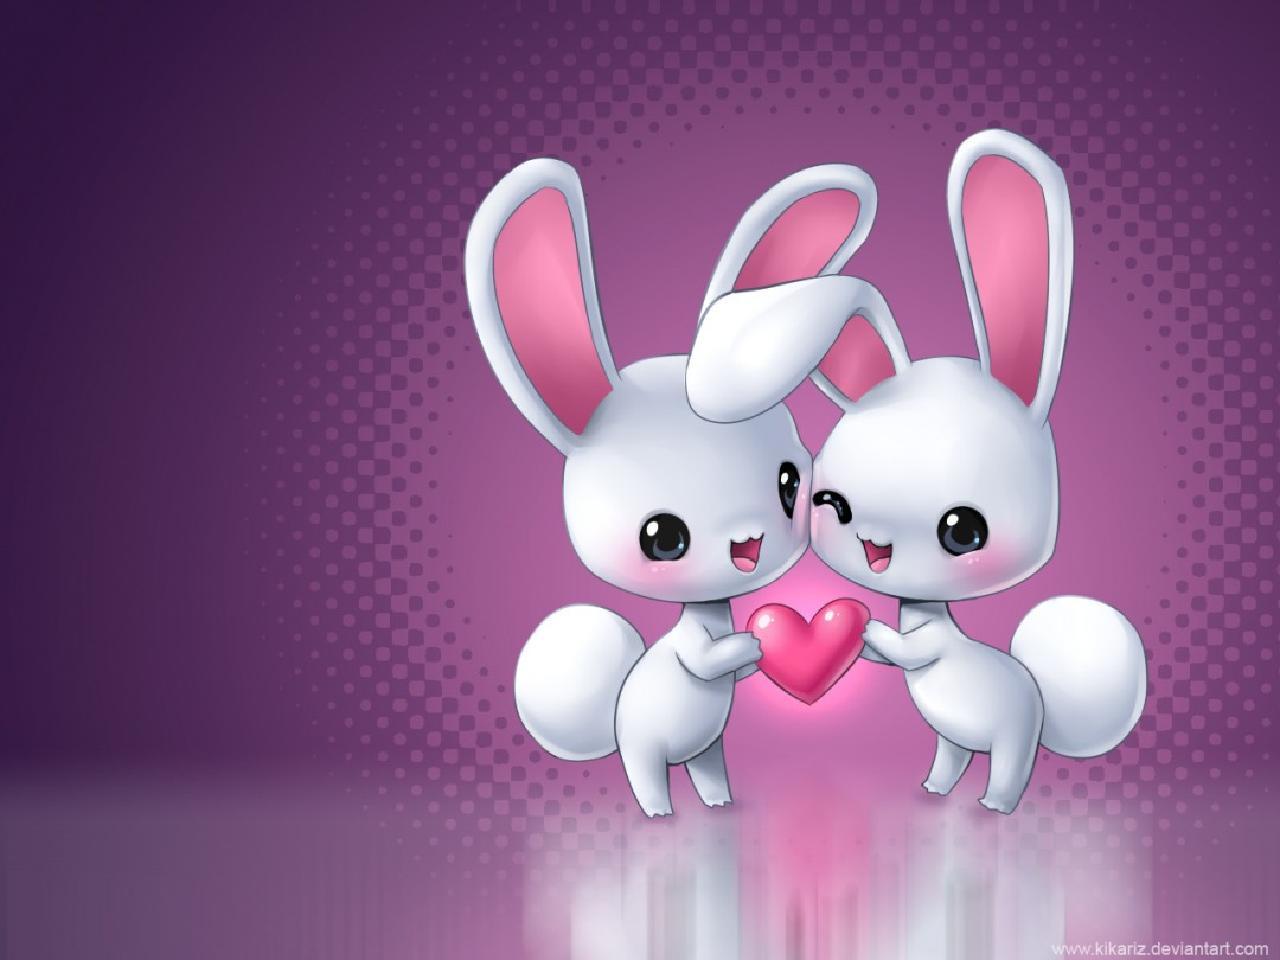 Hình ảnh tình yêu dễ thương lãng mạn